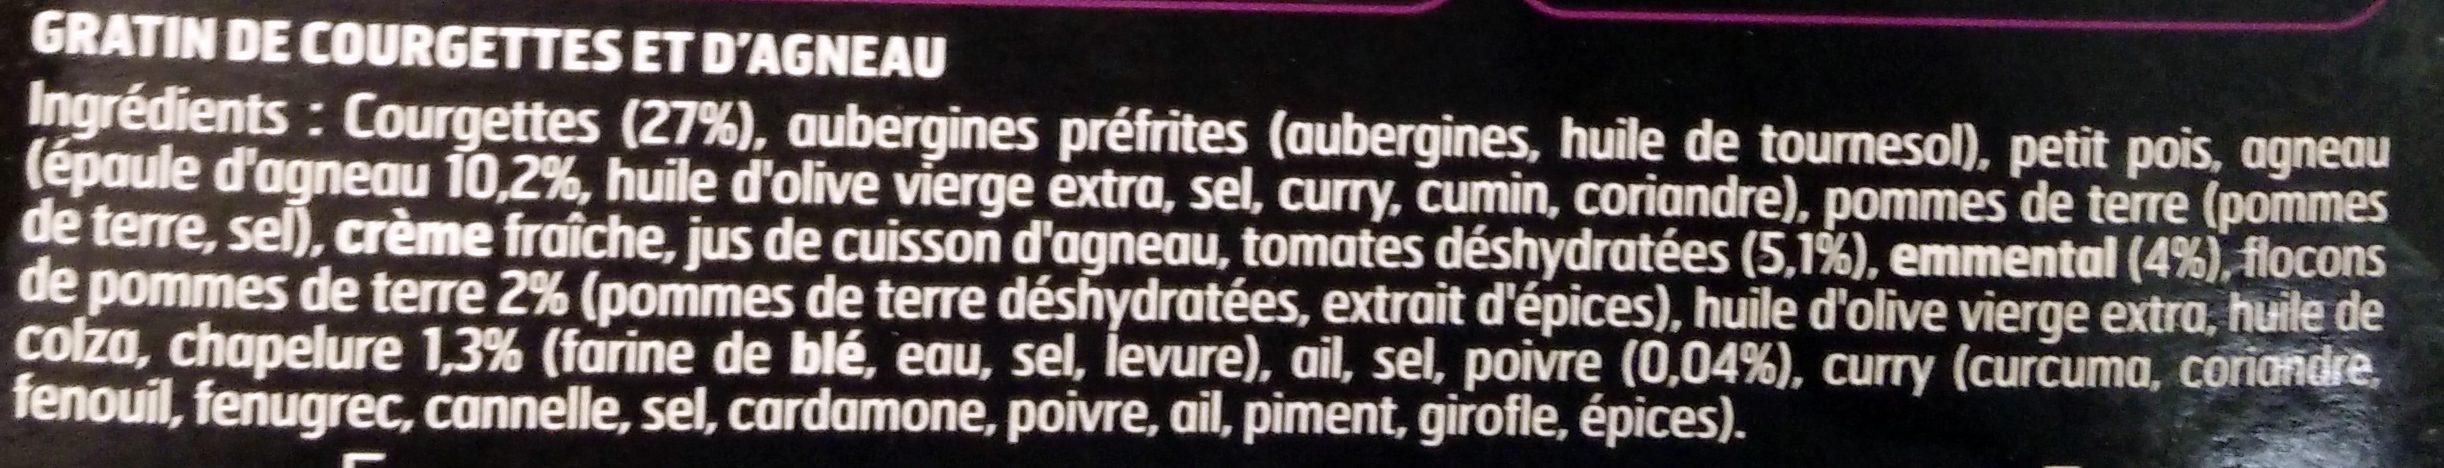 Le gratin d'agneau et courgettes - Ingrédients